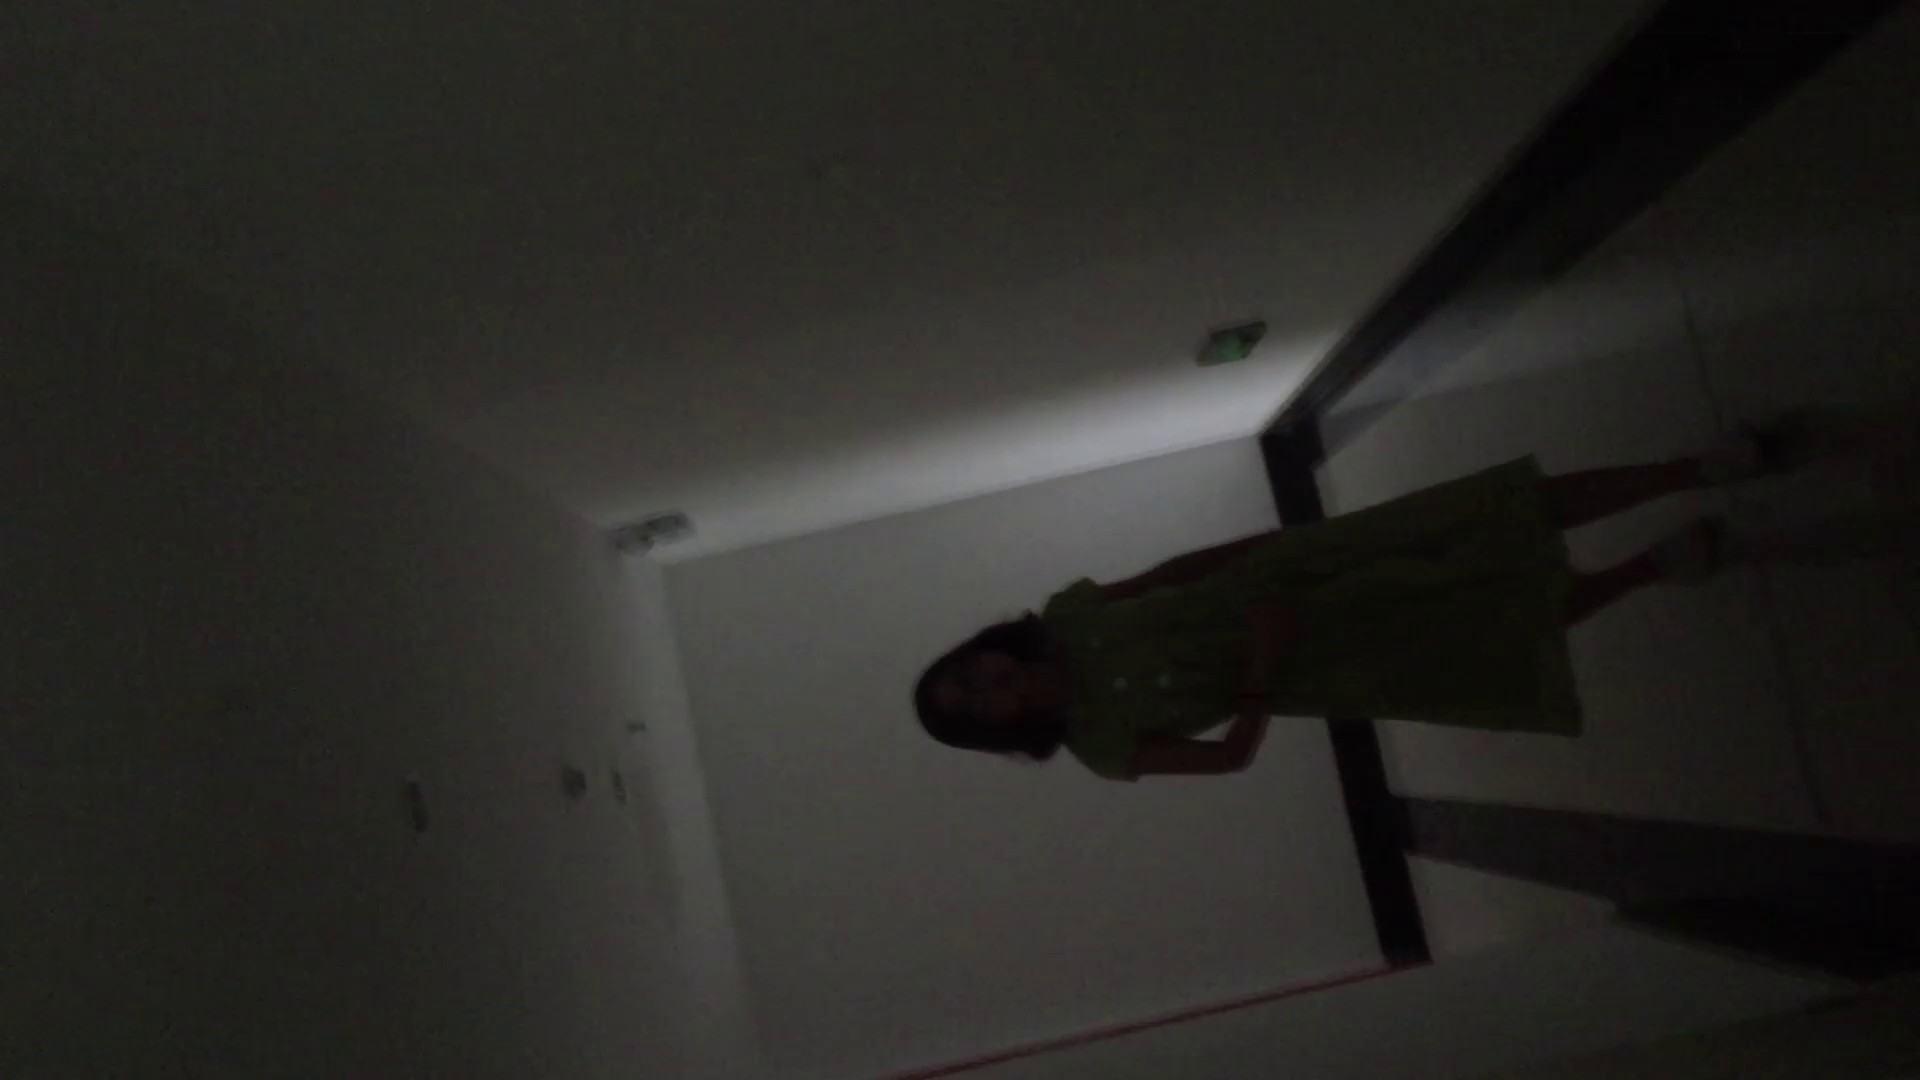 JD盗撮 美女の洗面所の秘密 Vol.74 盗撮 すけべAV動画紹介 91pic 38